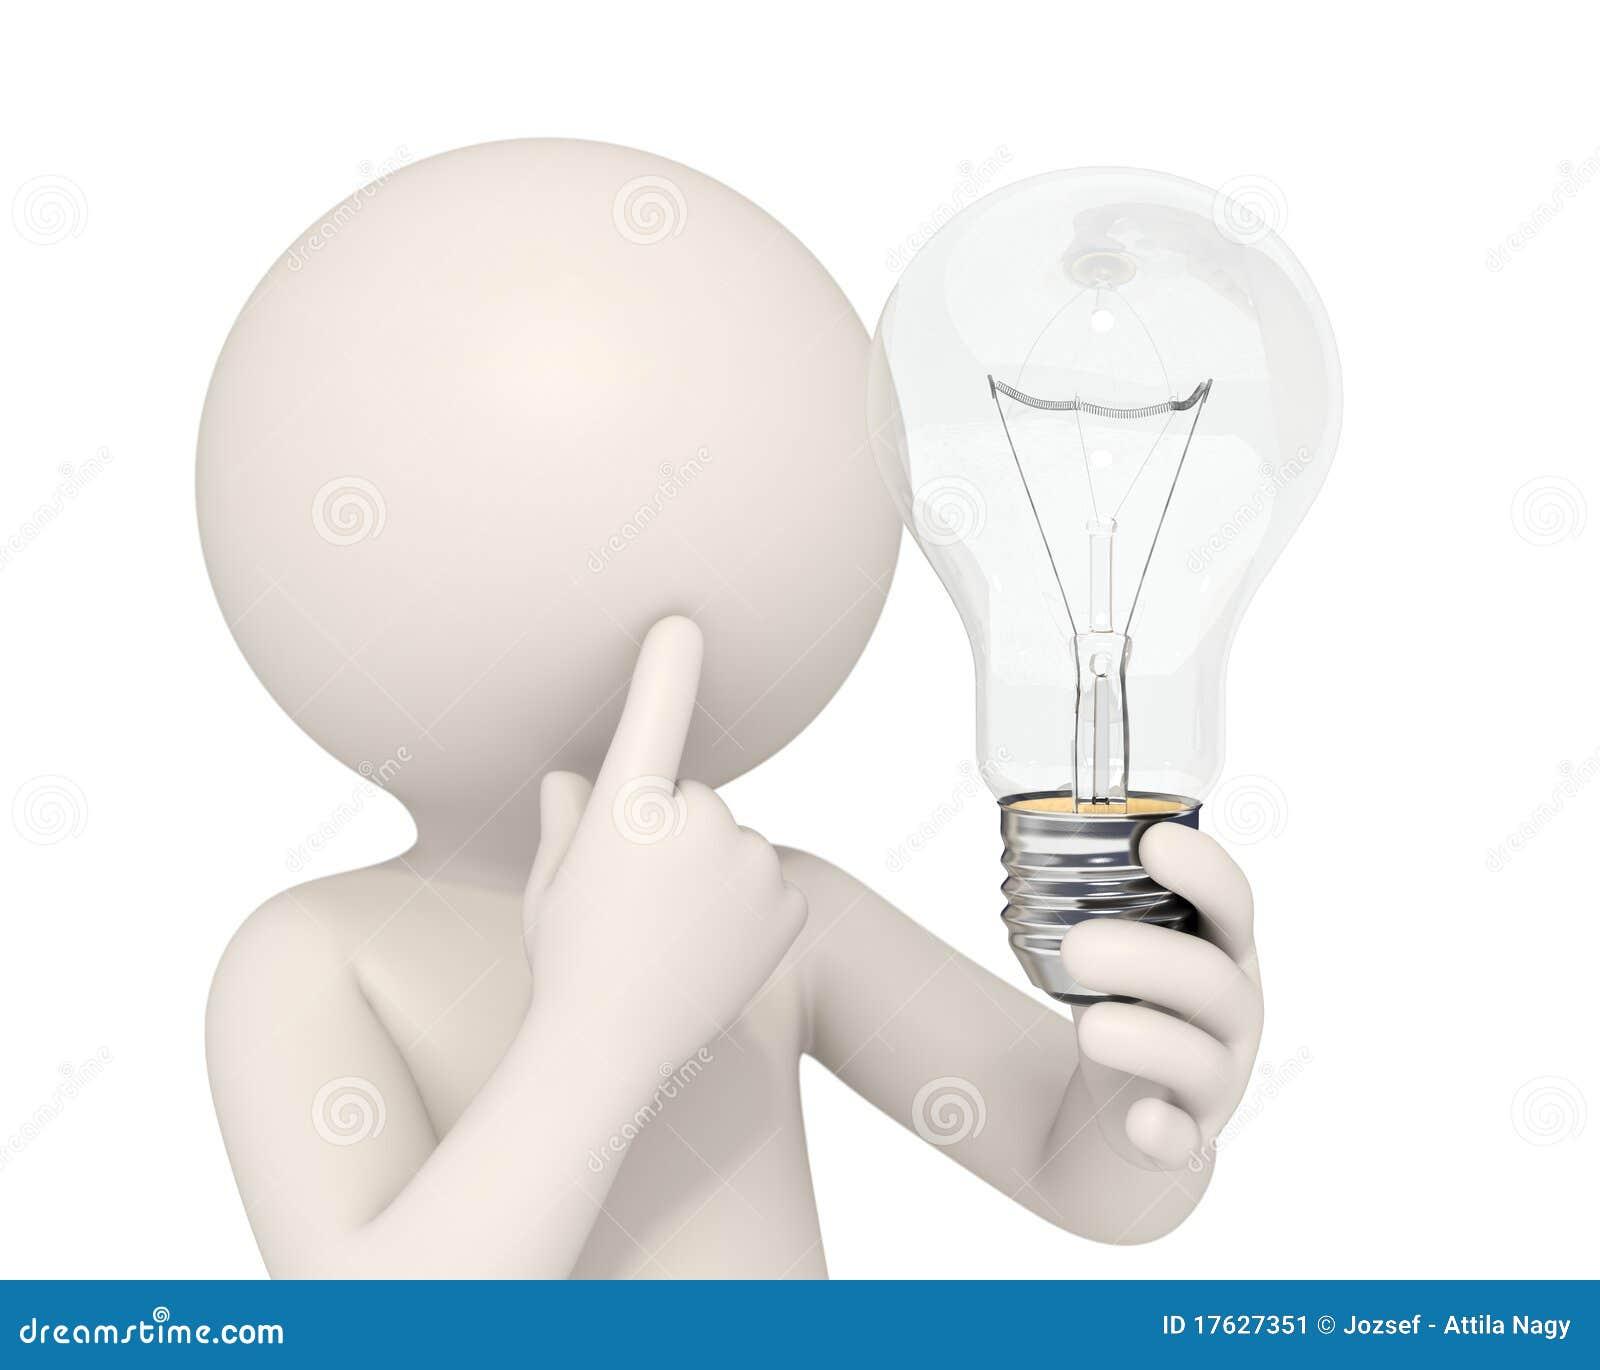 uomo lampadina : Uomo 3d che tiene una lampadina mentre pensando - concetto di idea ...